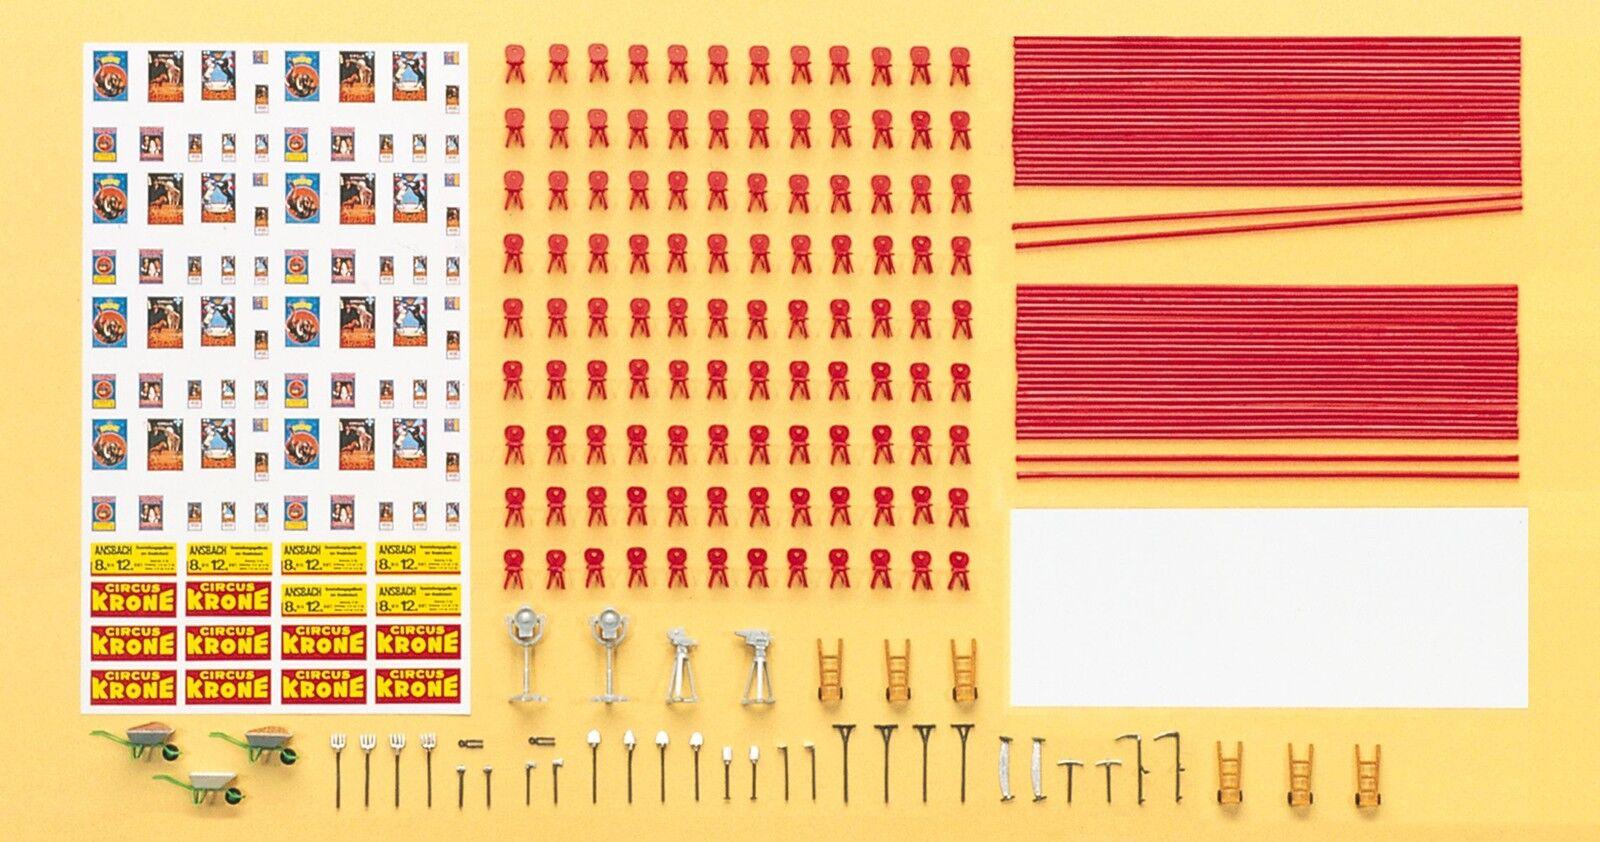 Preiser 21048 H0 Figuren Zurüstsatz Zelt Zirkus Krone